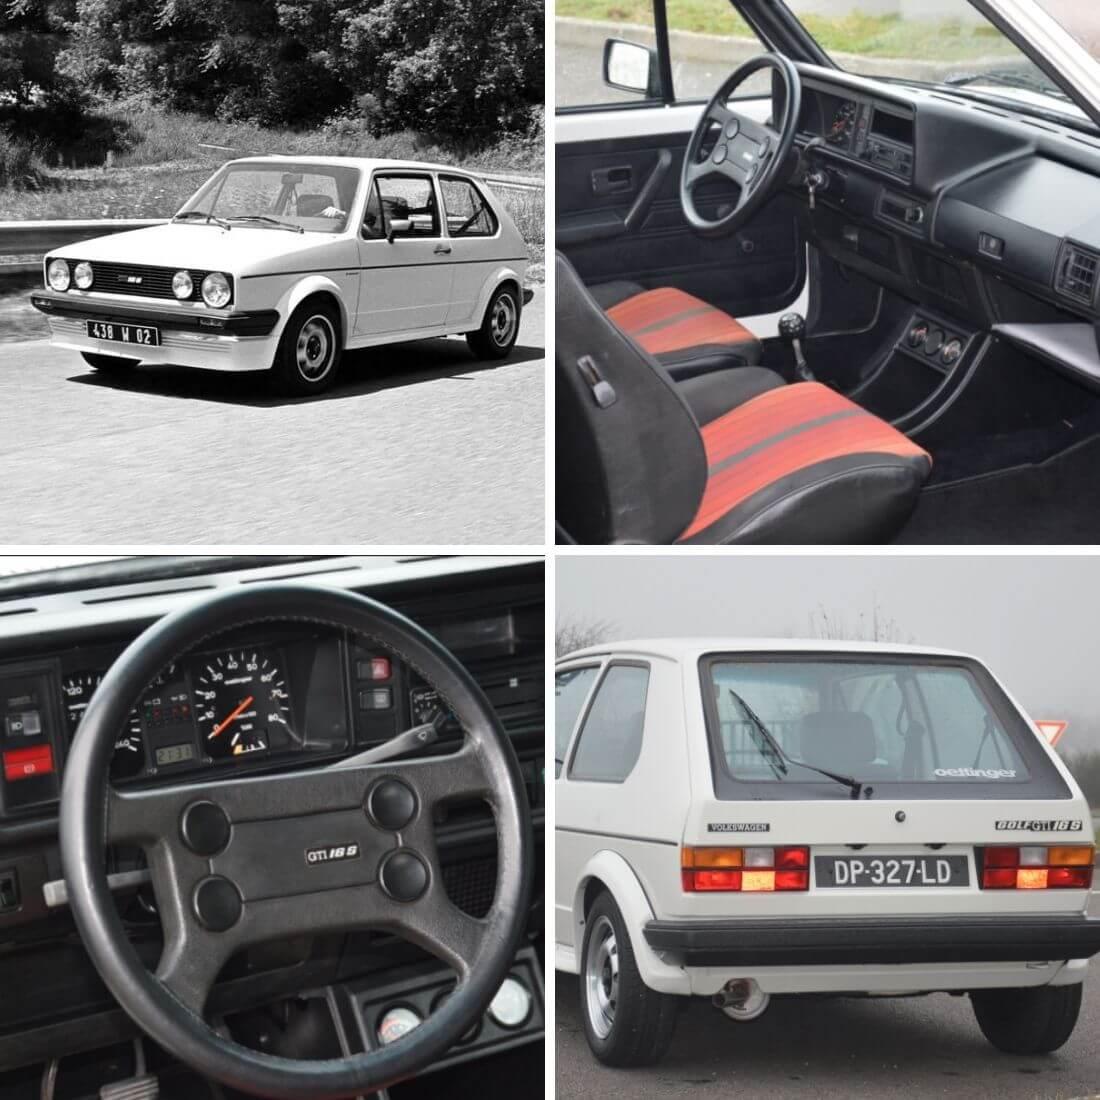 1981 Volkswagen Golf 16S kuvakollaasi